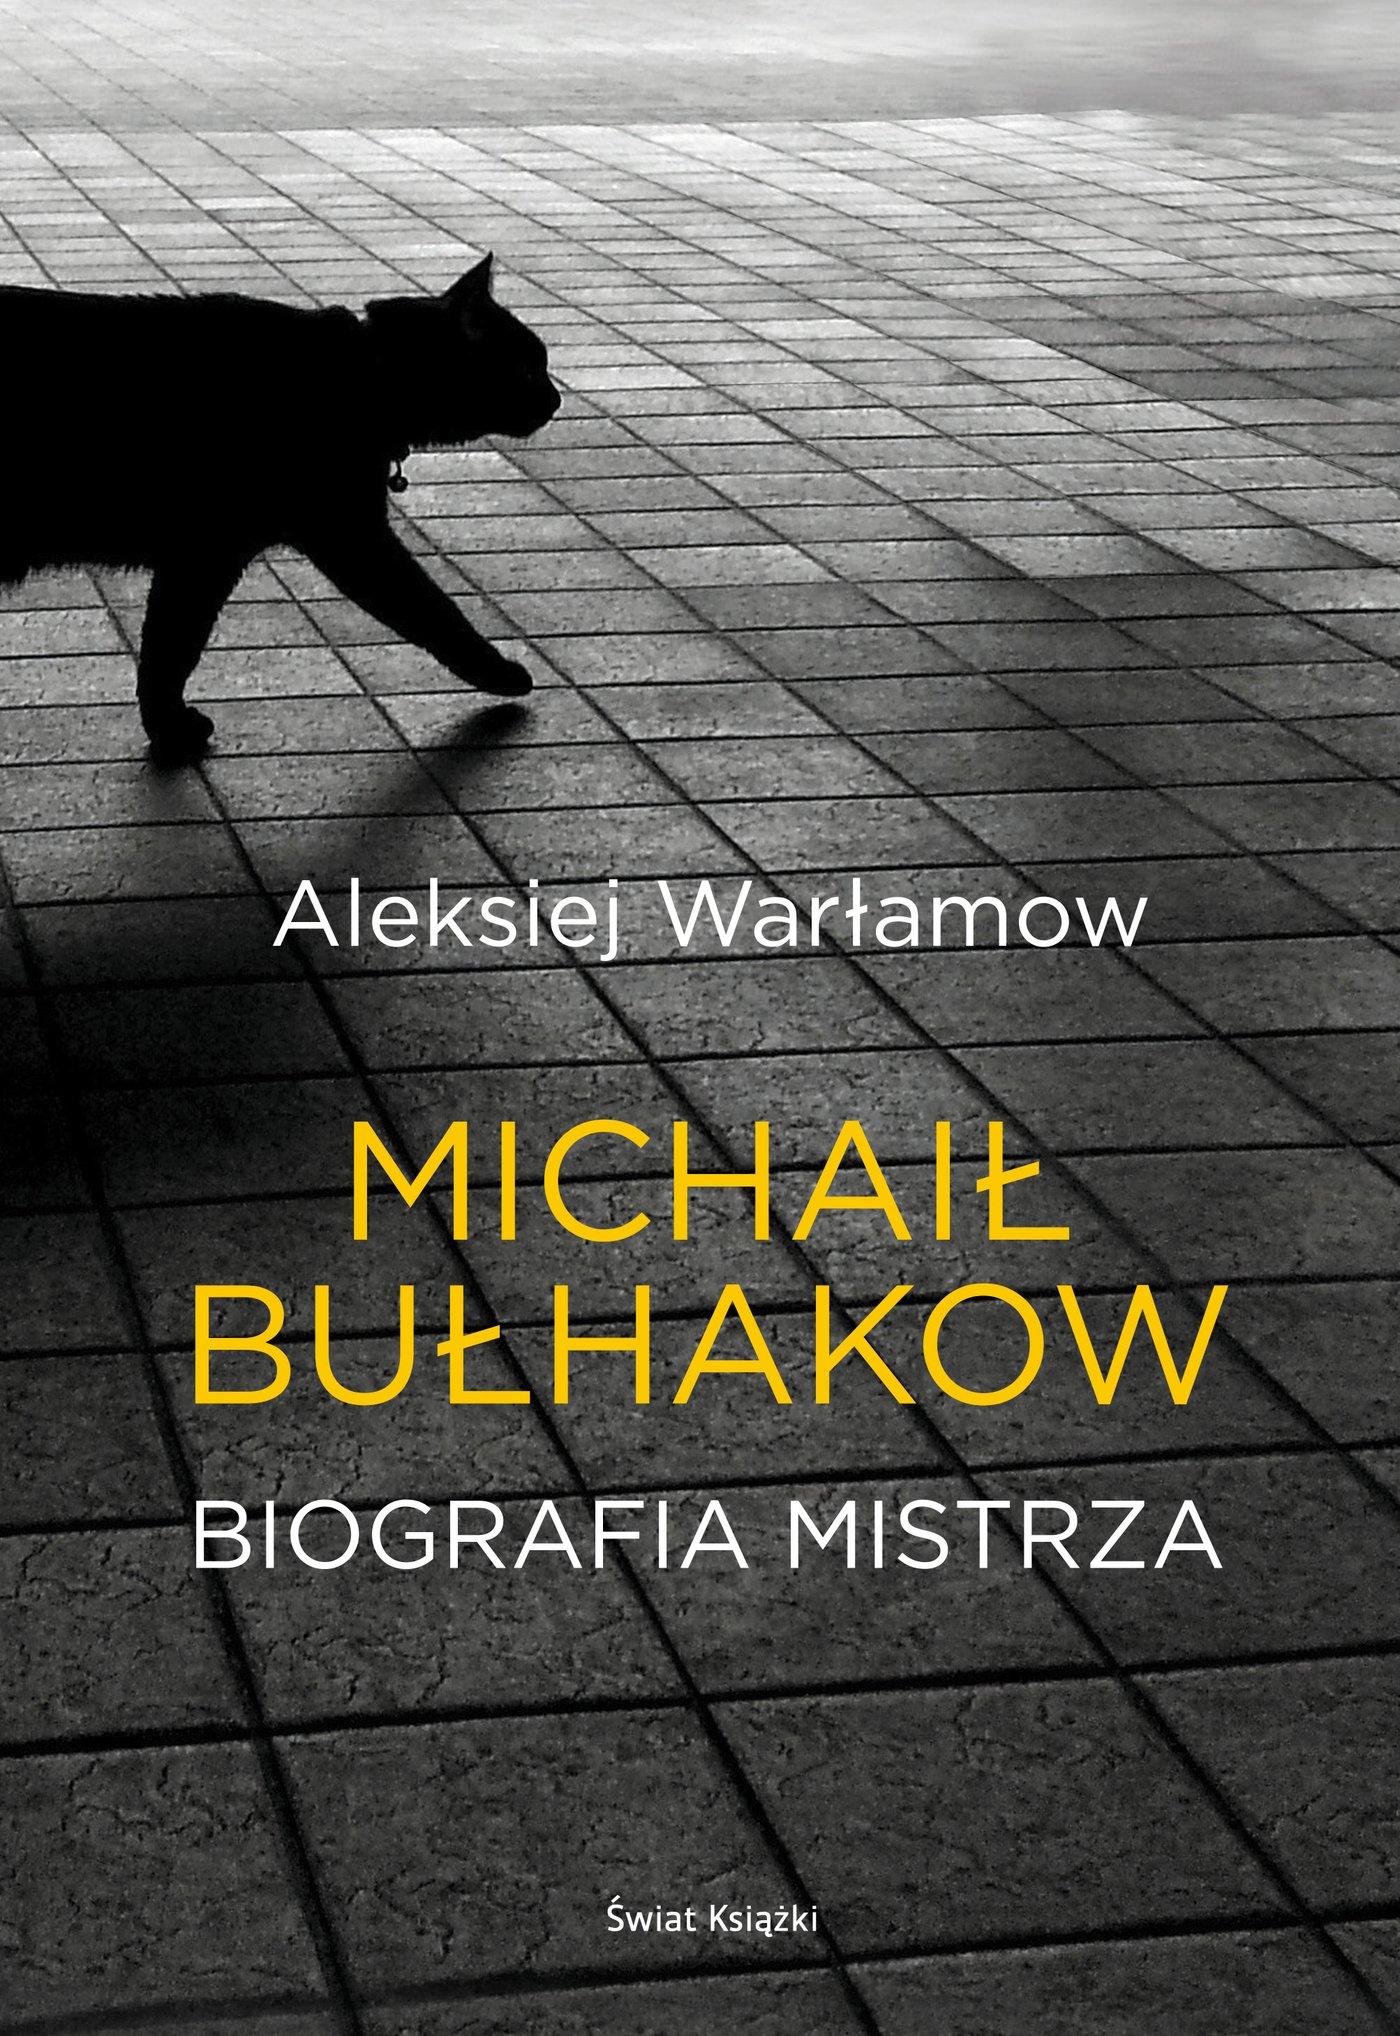 Michał Bułhakow. Biografia Mistrza - Ebook (Książka na Kindle) do pobrania w formacie MOBI